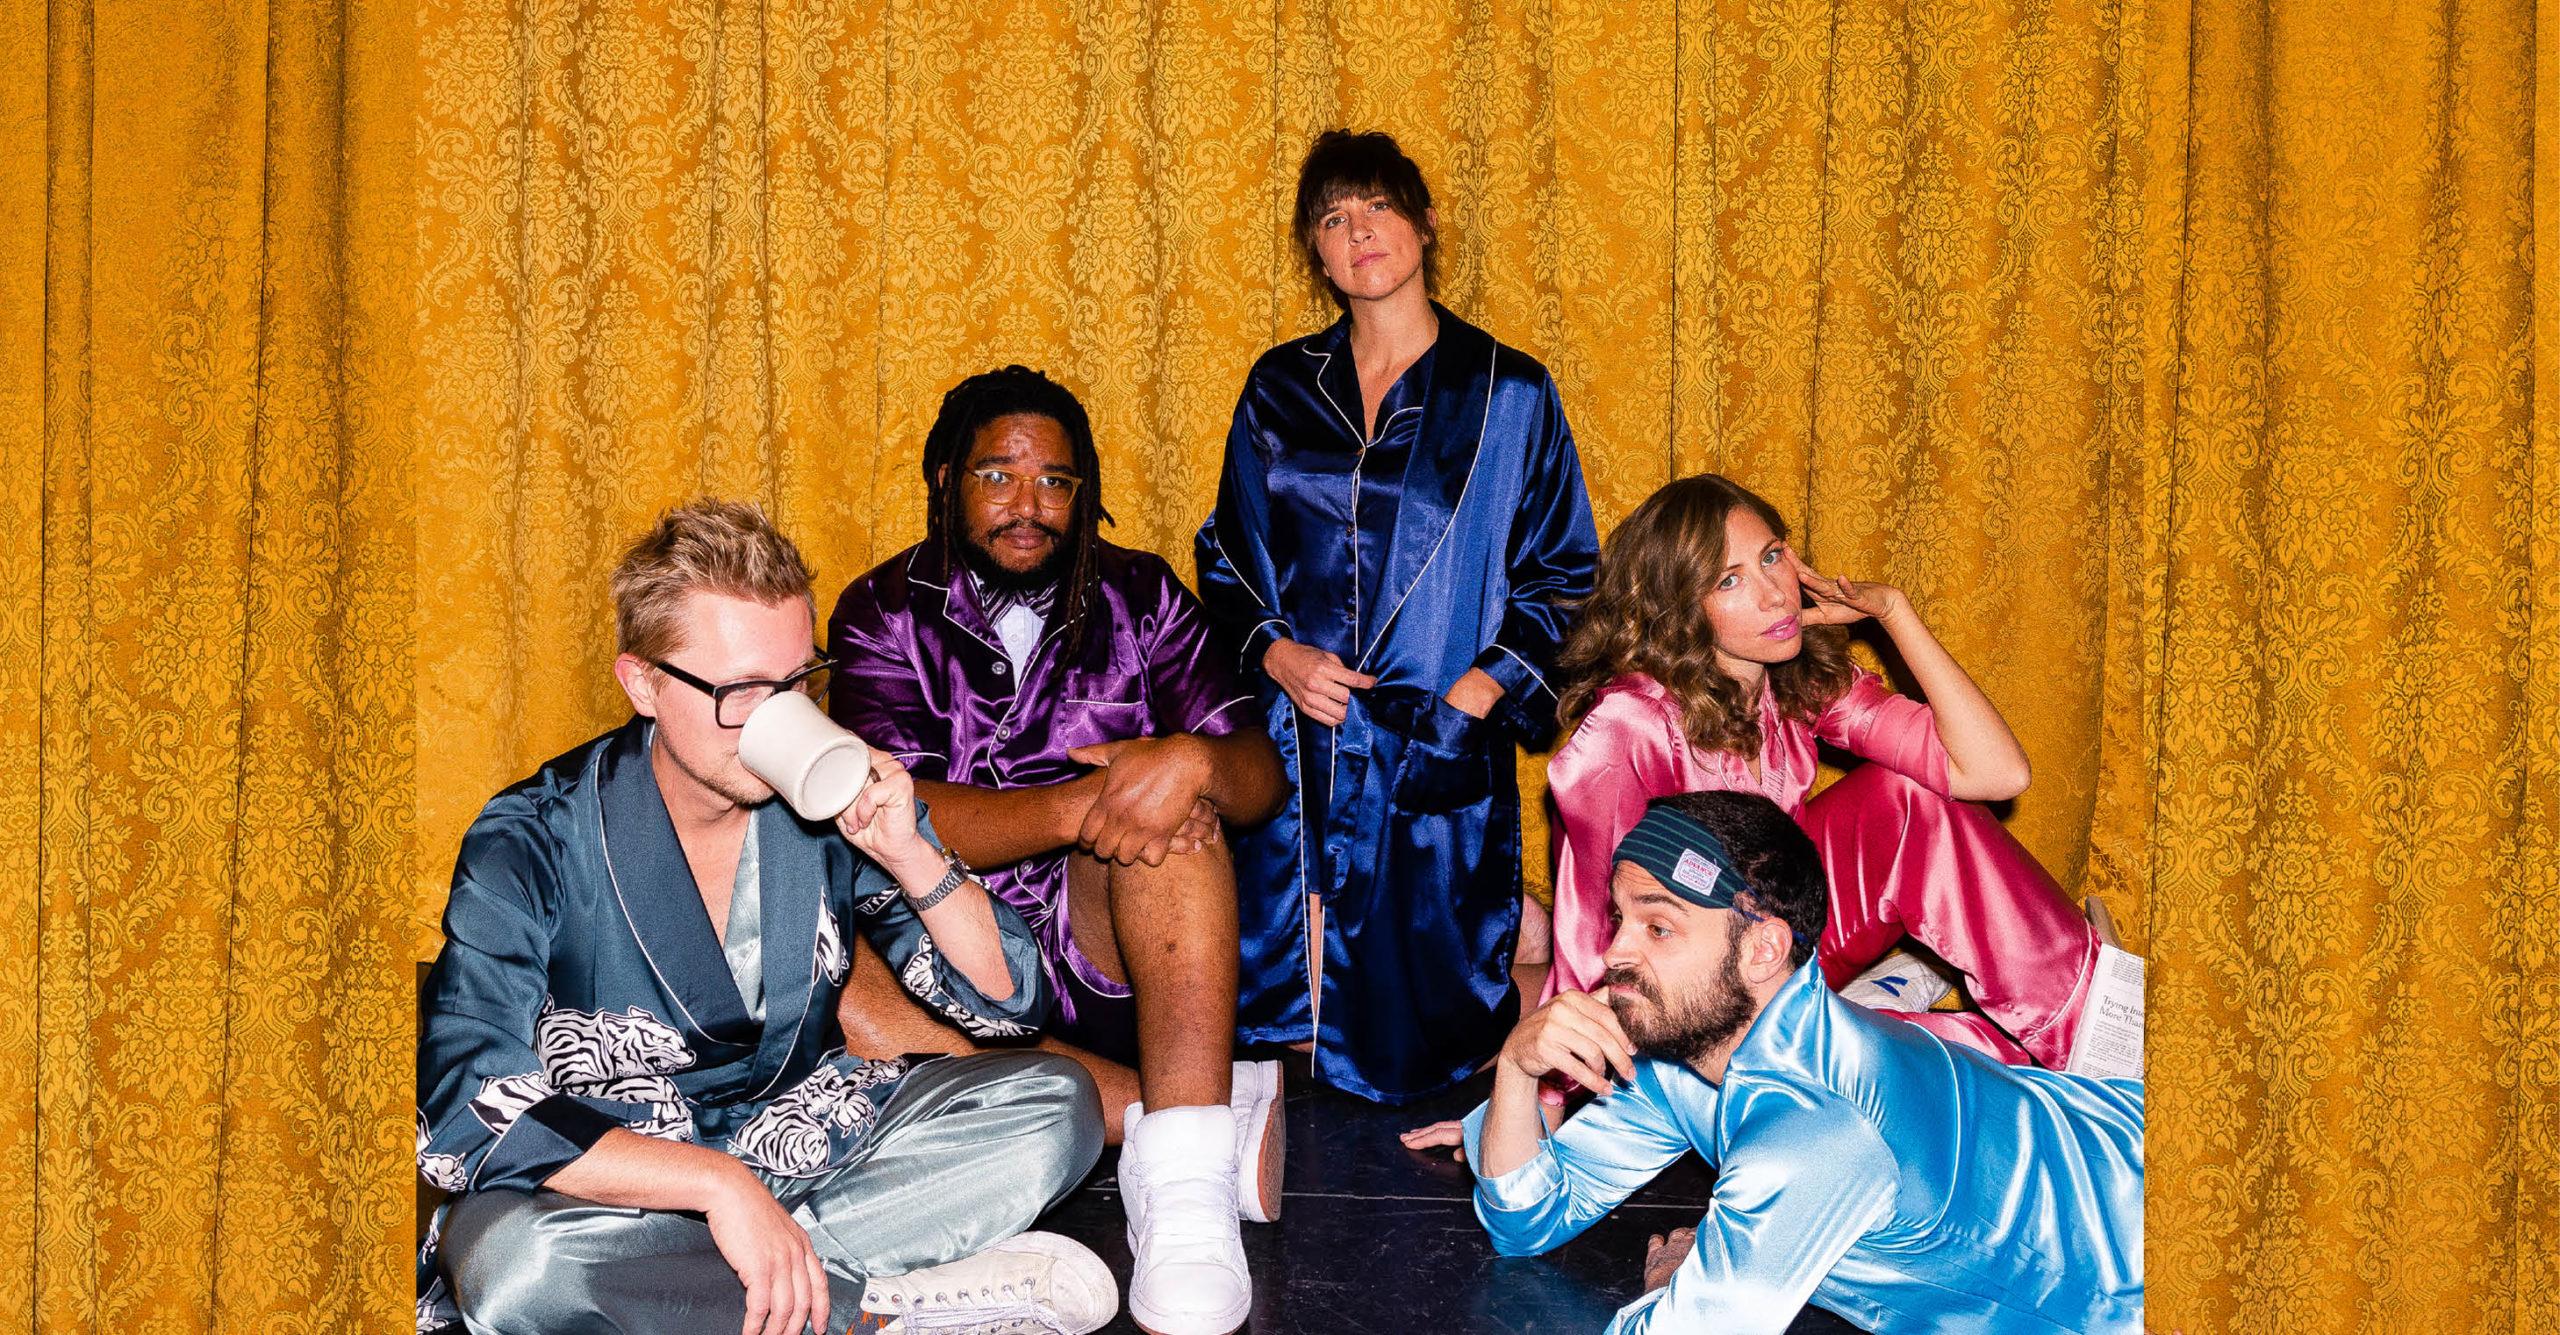 Lake Street Dive – Lounge Around Sounds Tour @ Charleston Gaillard Center